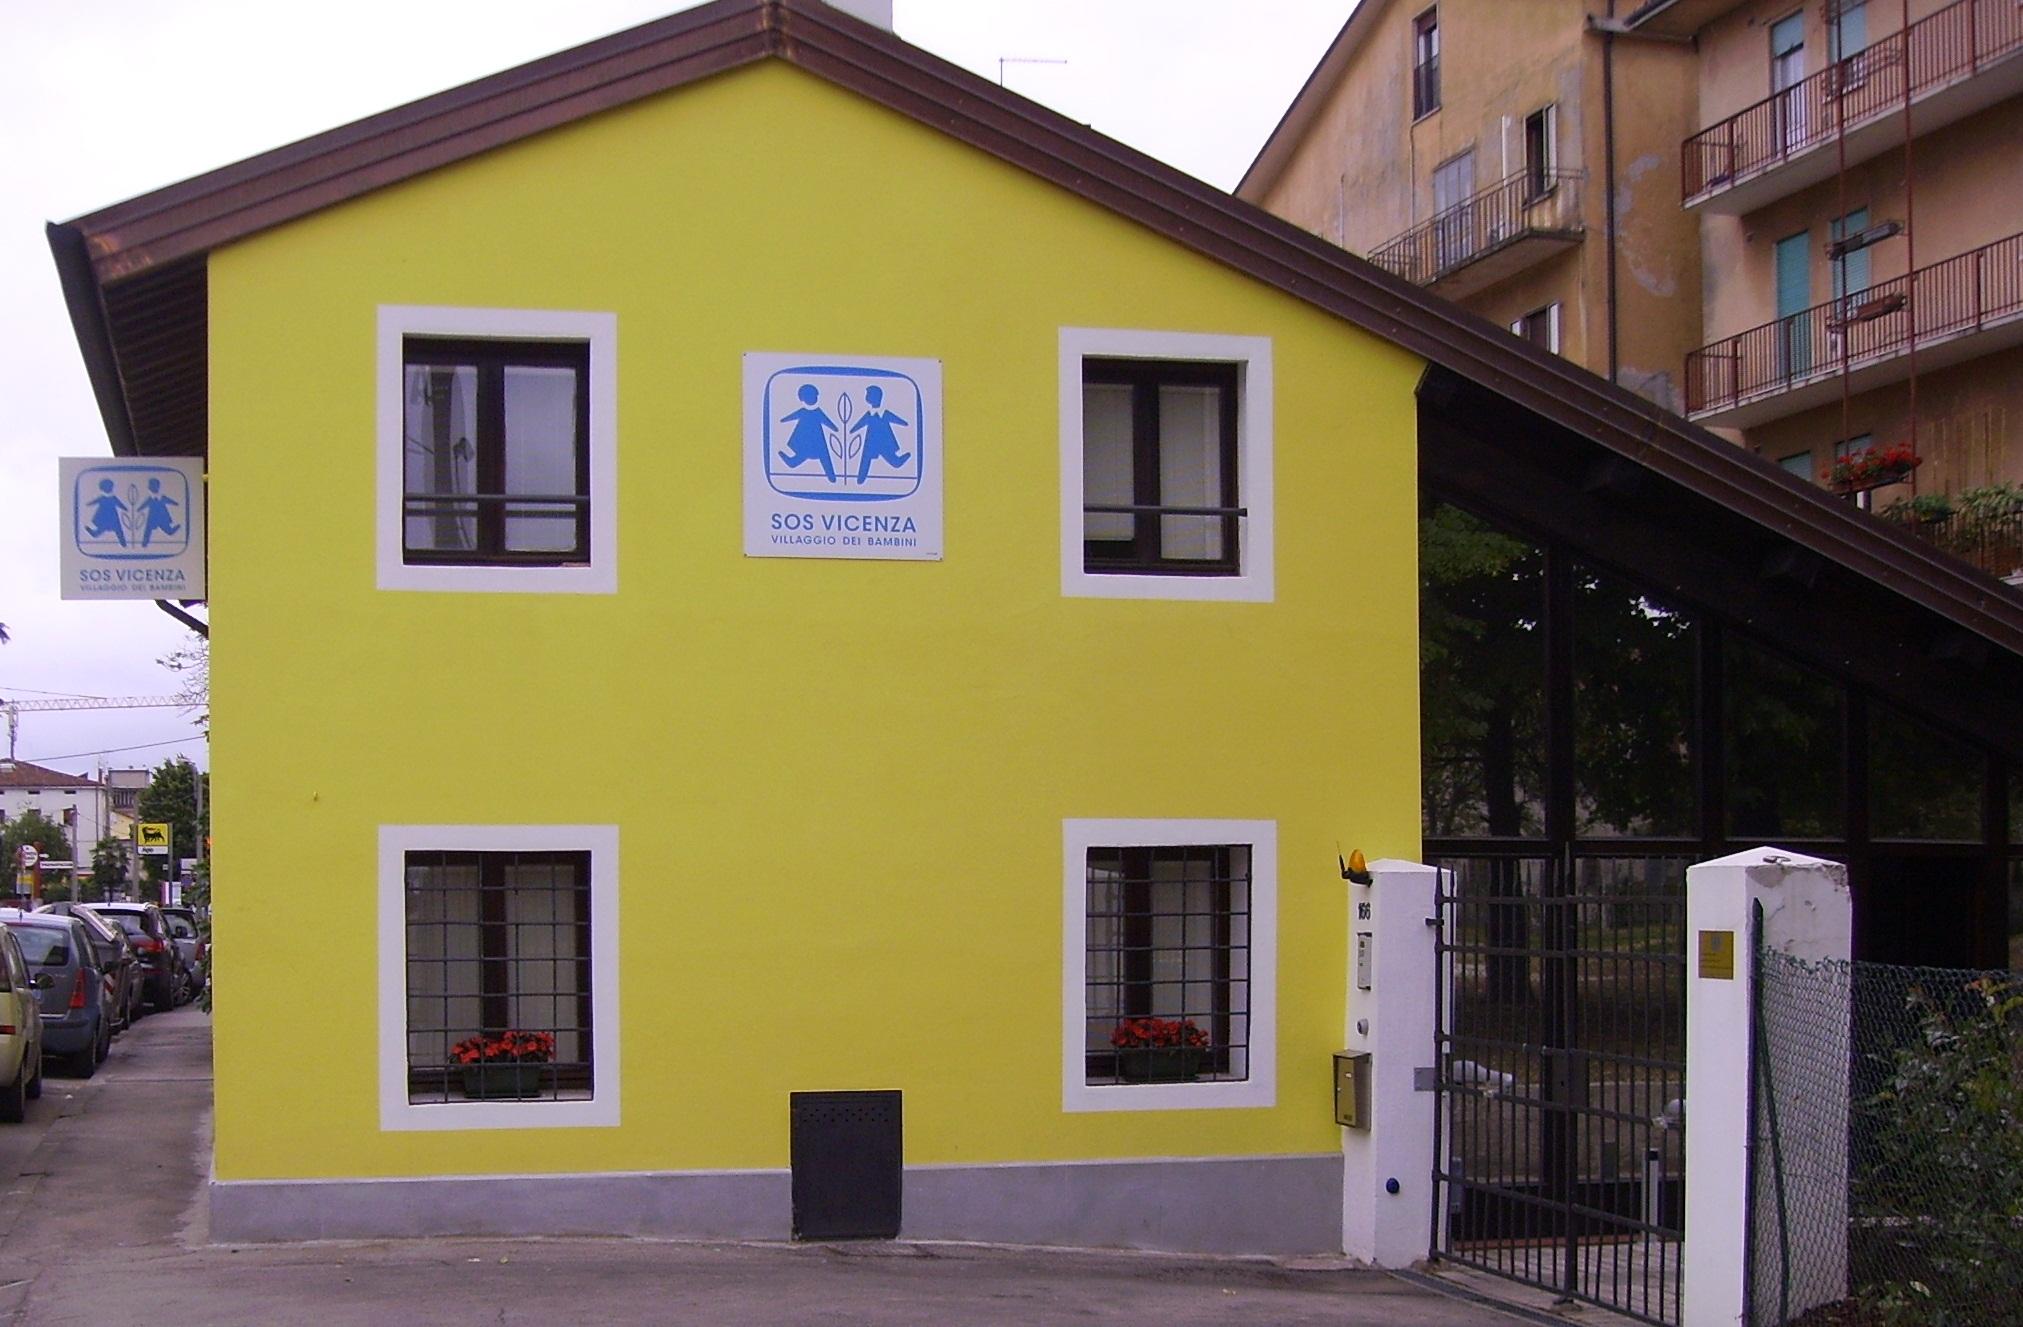 Villaggio Sos a Vicenza